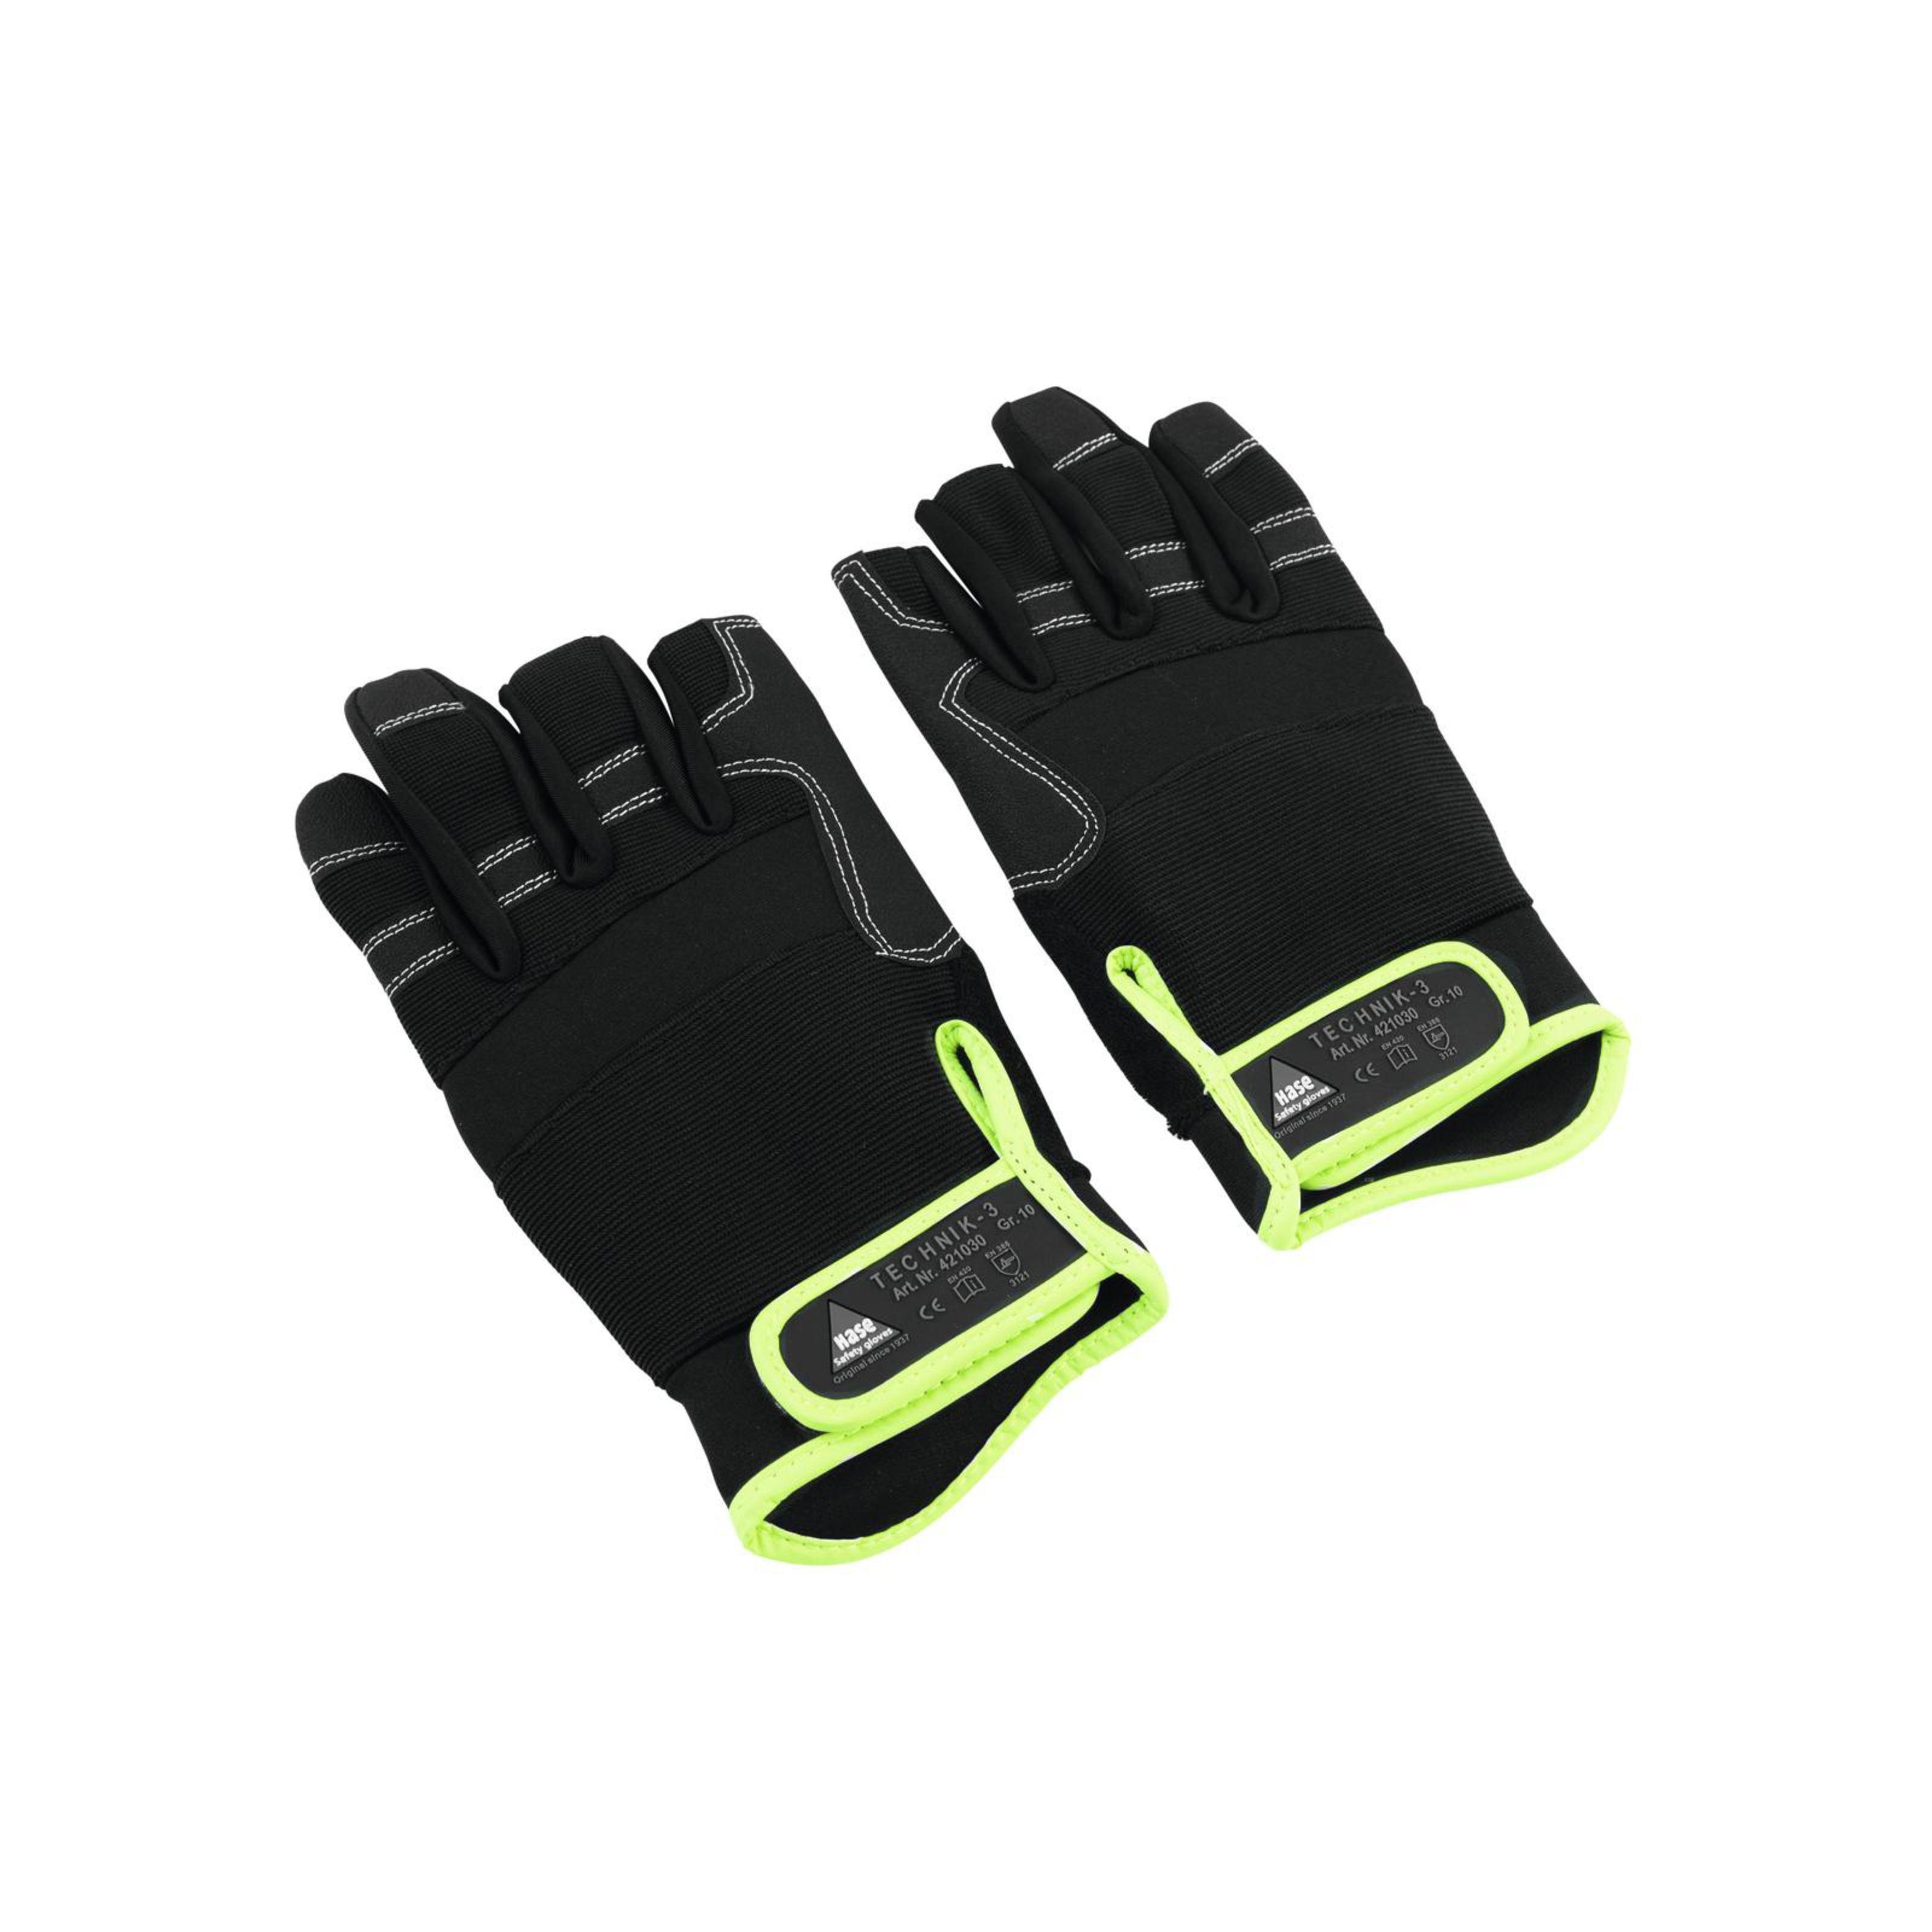 Hase - Handschuh 3 Finger, Größe XL Roadie-Handschuh Size 10 78020403